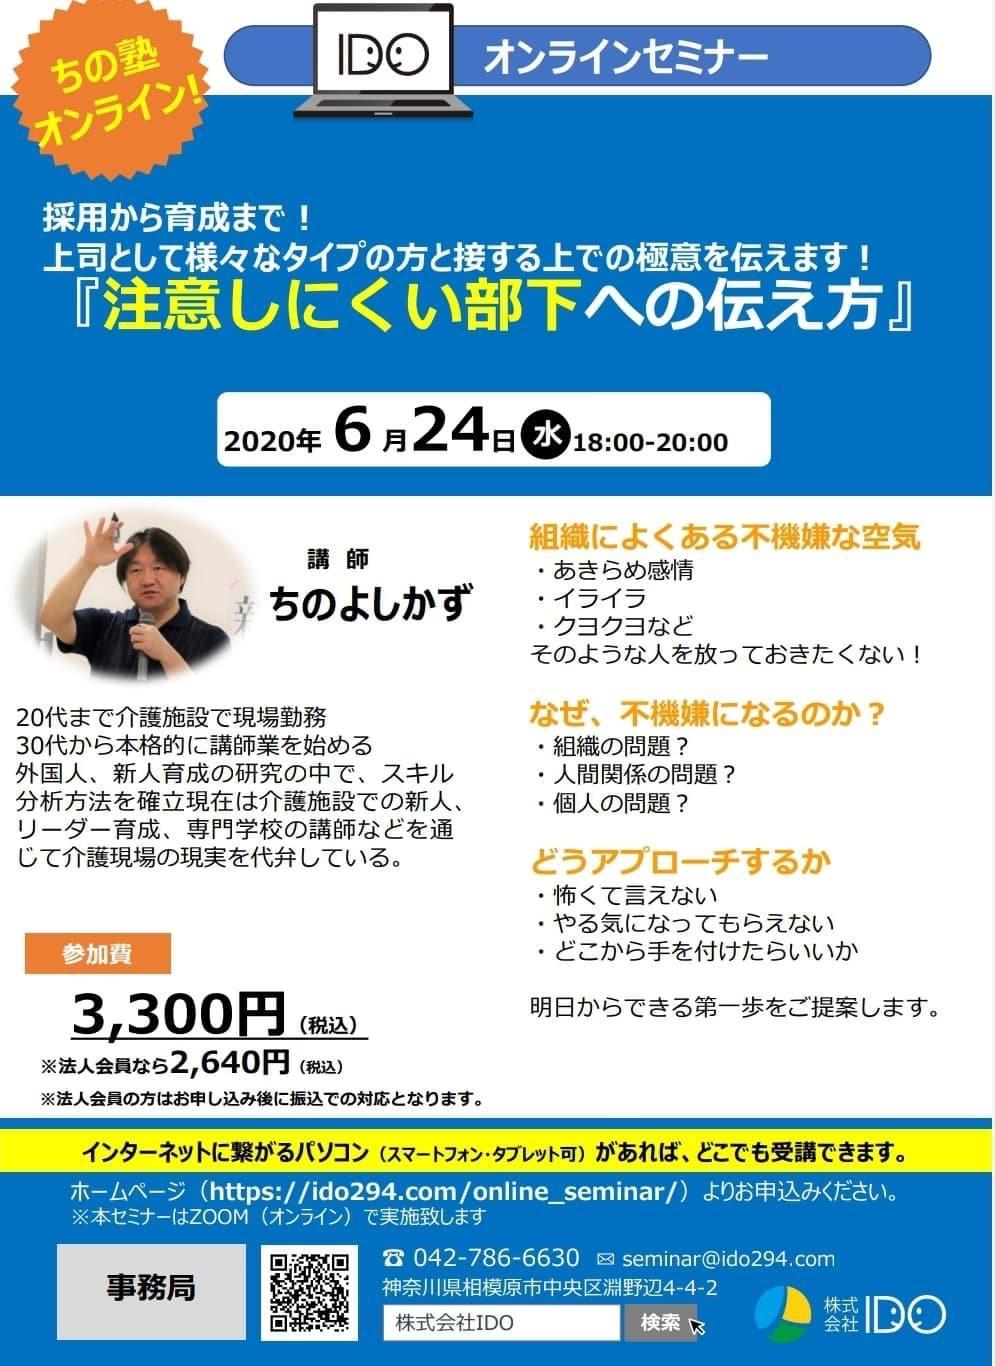 7D6FD6C2-0456-4A07-9113-FBC0E68F0113